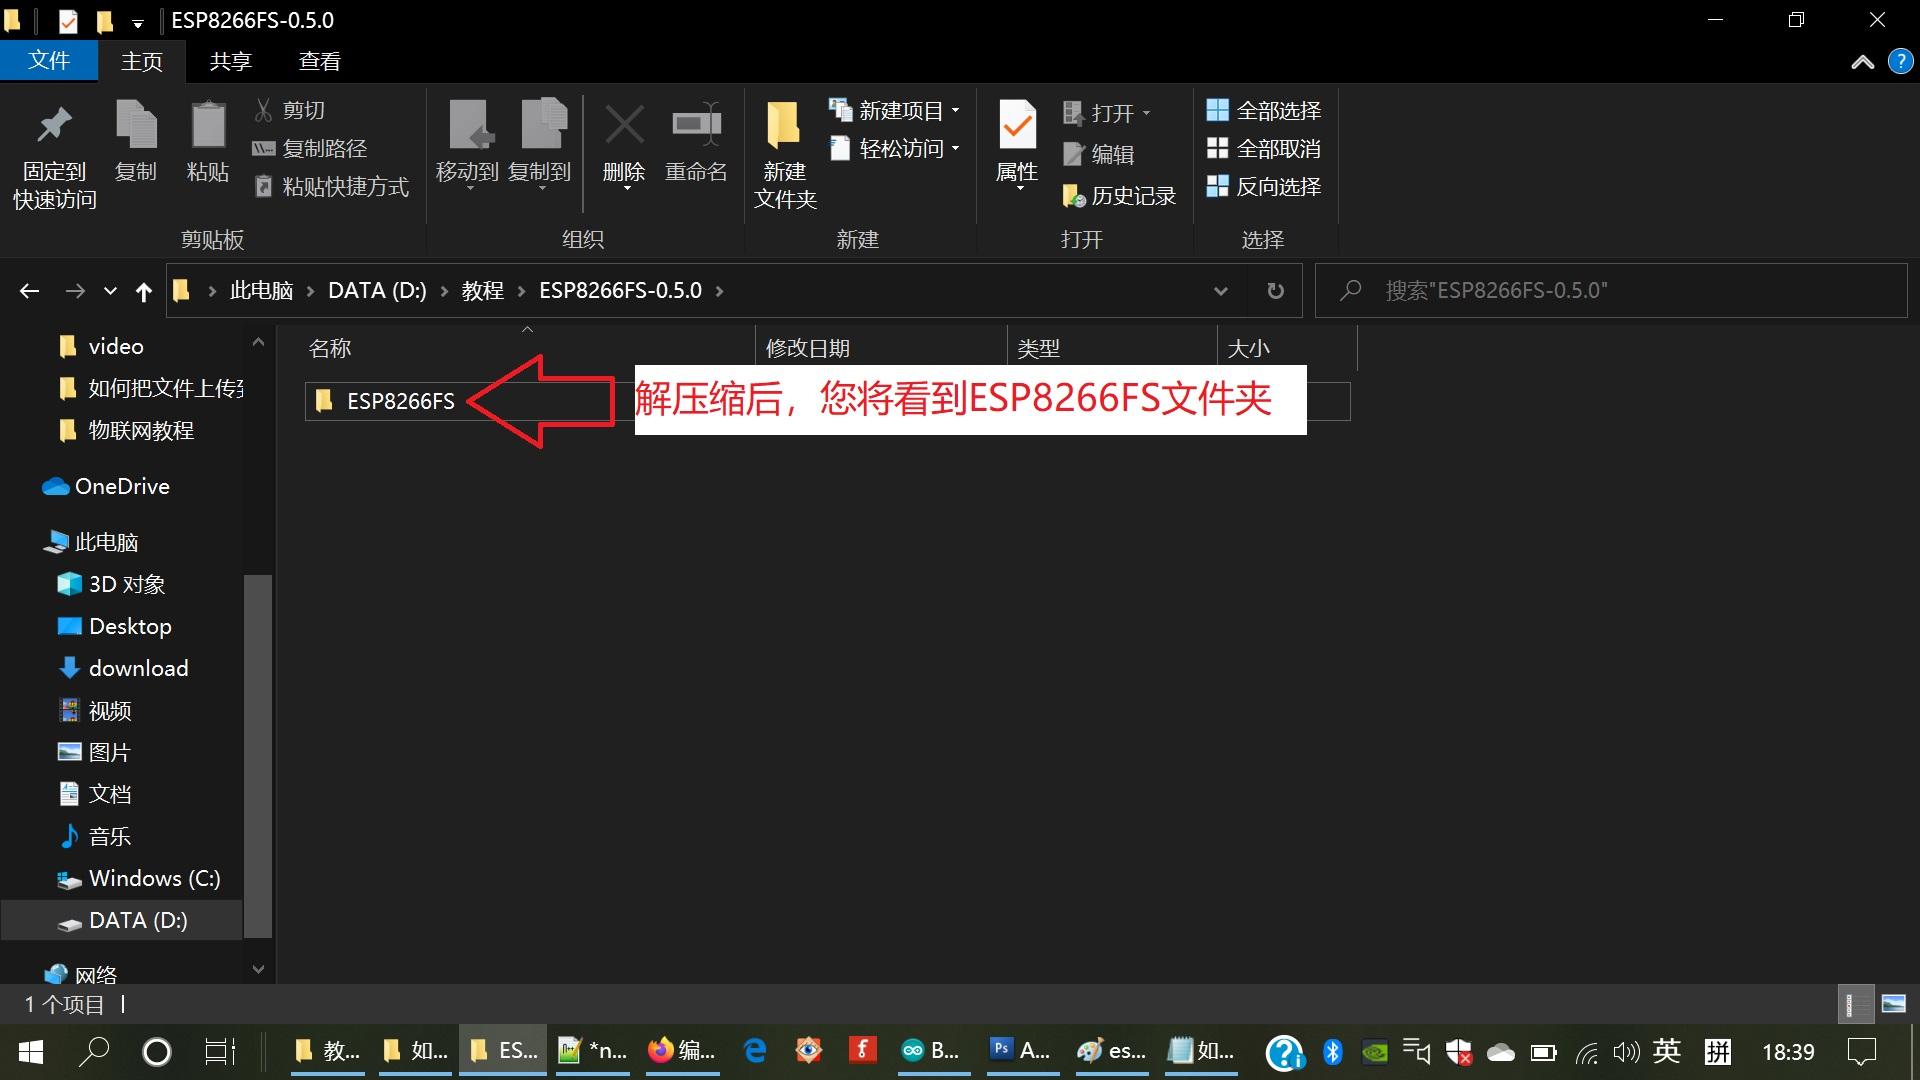 解压缩后可找到esp8266fs文件夹